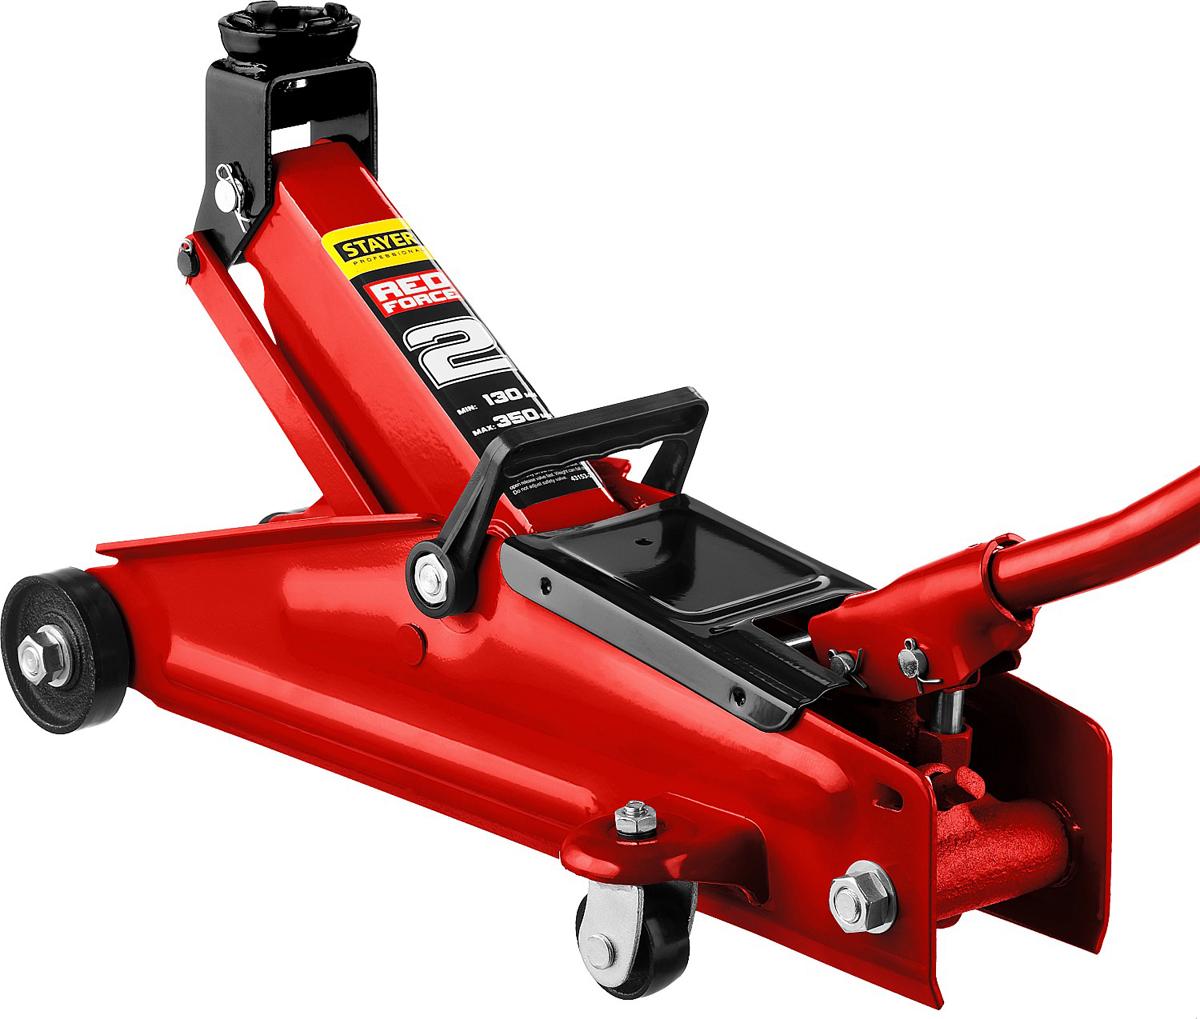 Домкрат Stayer Red Force, гидравлический подкатной, 2 т, высота подъема 13-35 см43153-2Домкрат гидравлический подкатной Stayer 43153-2, может использоваться как профессионалами на станции СТО, так и простыми автолюбителями. Компактный и мобильный. Упакован в пластиковый кейс для удобной переноски домкрата. Компактный подкатной домкрат легко передвигать или даже взять с собой в дорогу. Широкий рабочий диапазон высот. Высокая грузоподъемность. Пластиковый кейс для хранения и переноски.